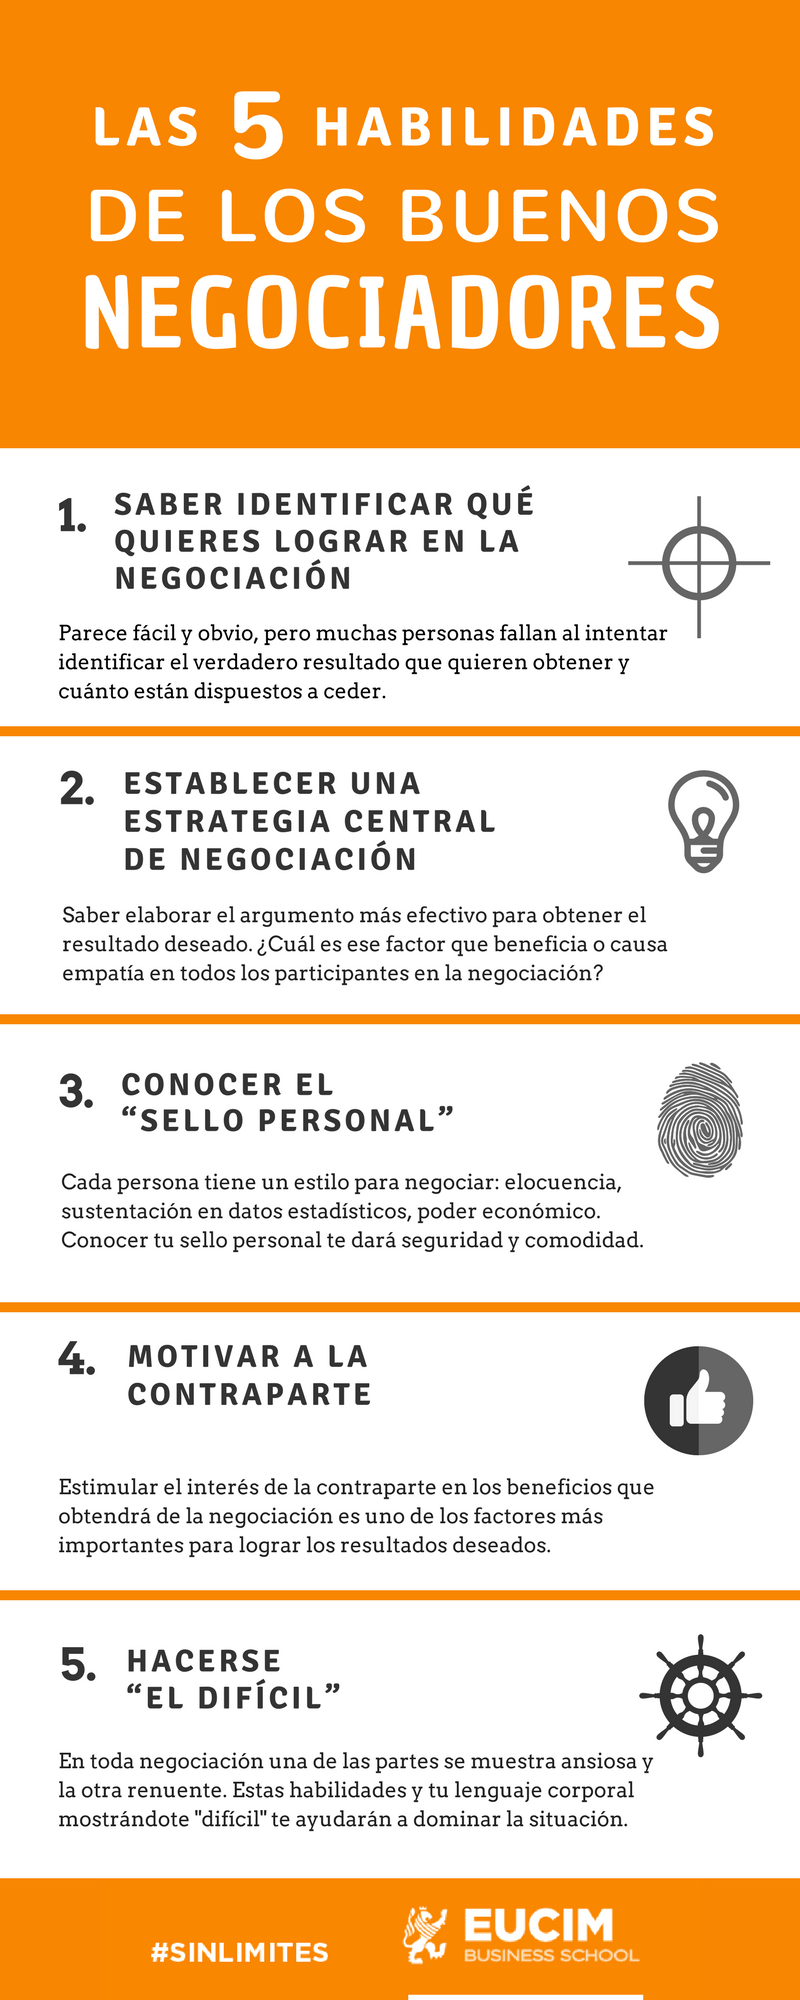 5 habilidades de los buenos negociadores